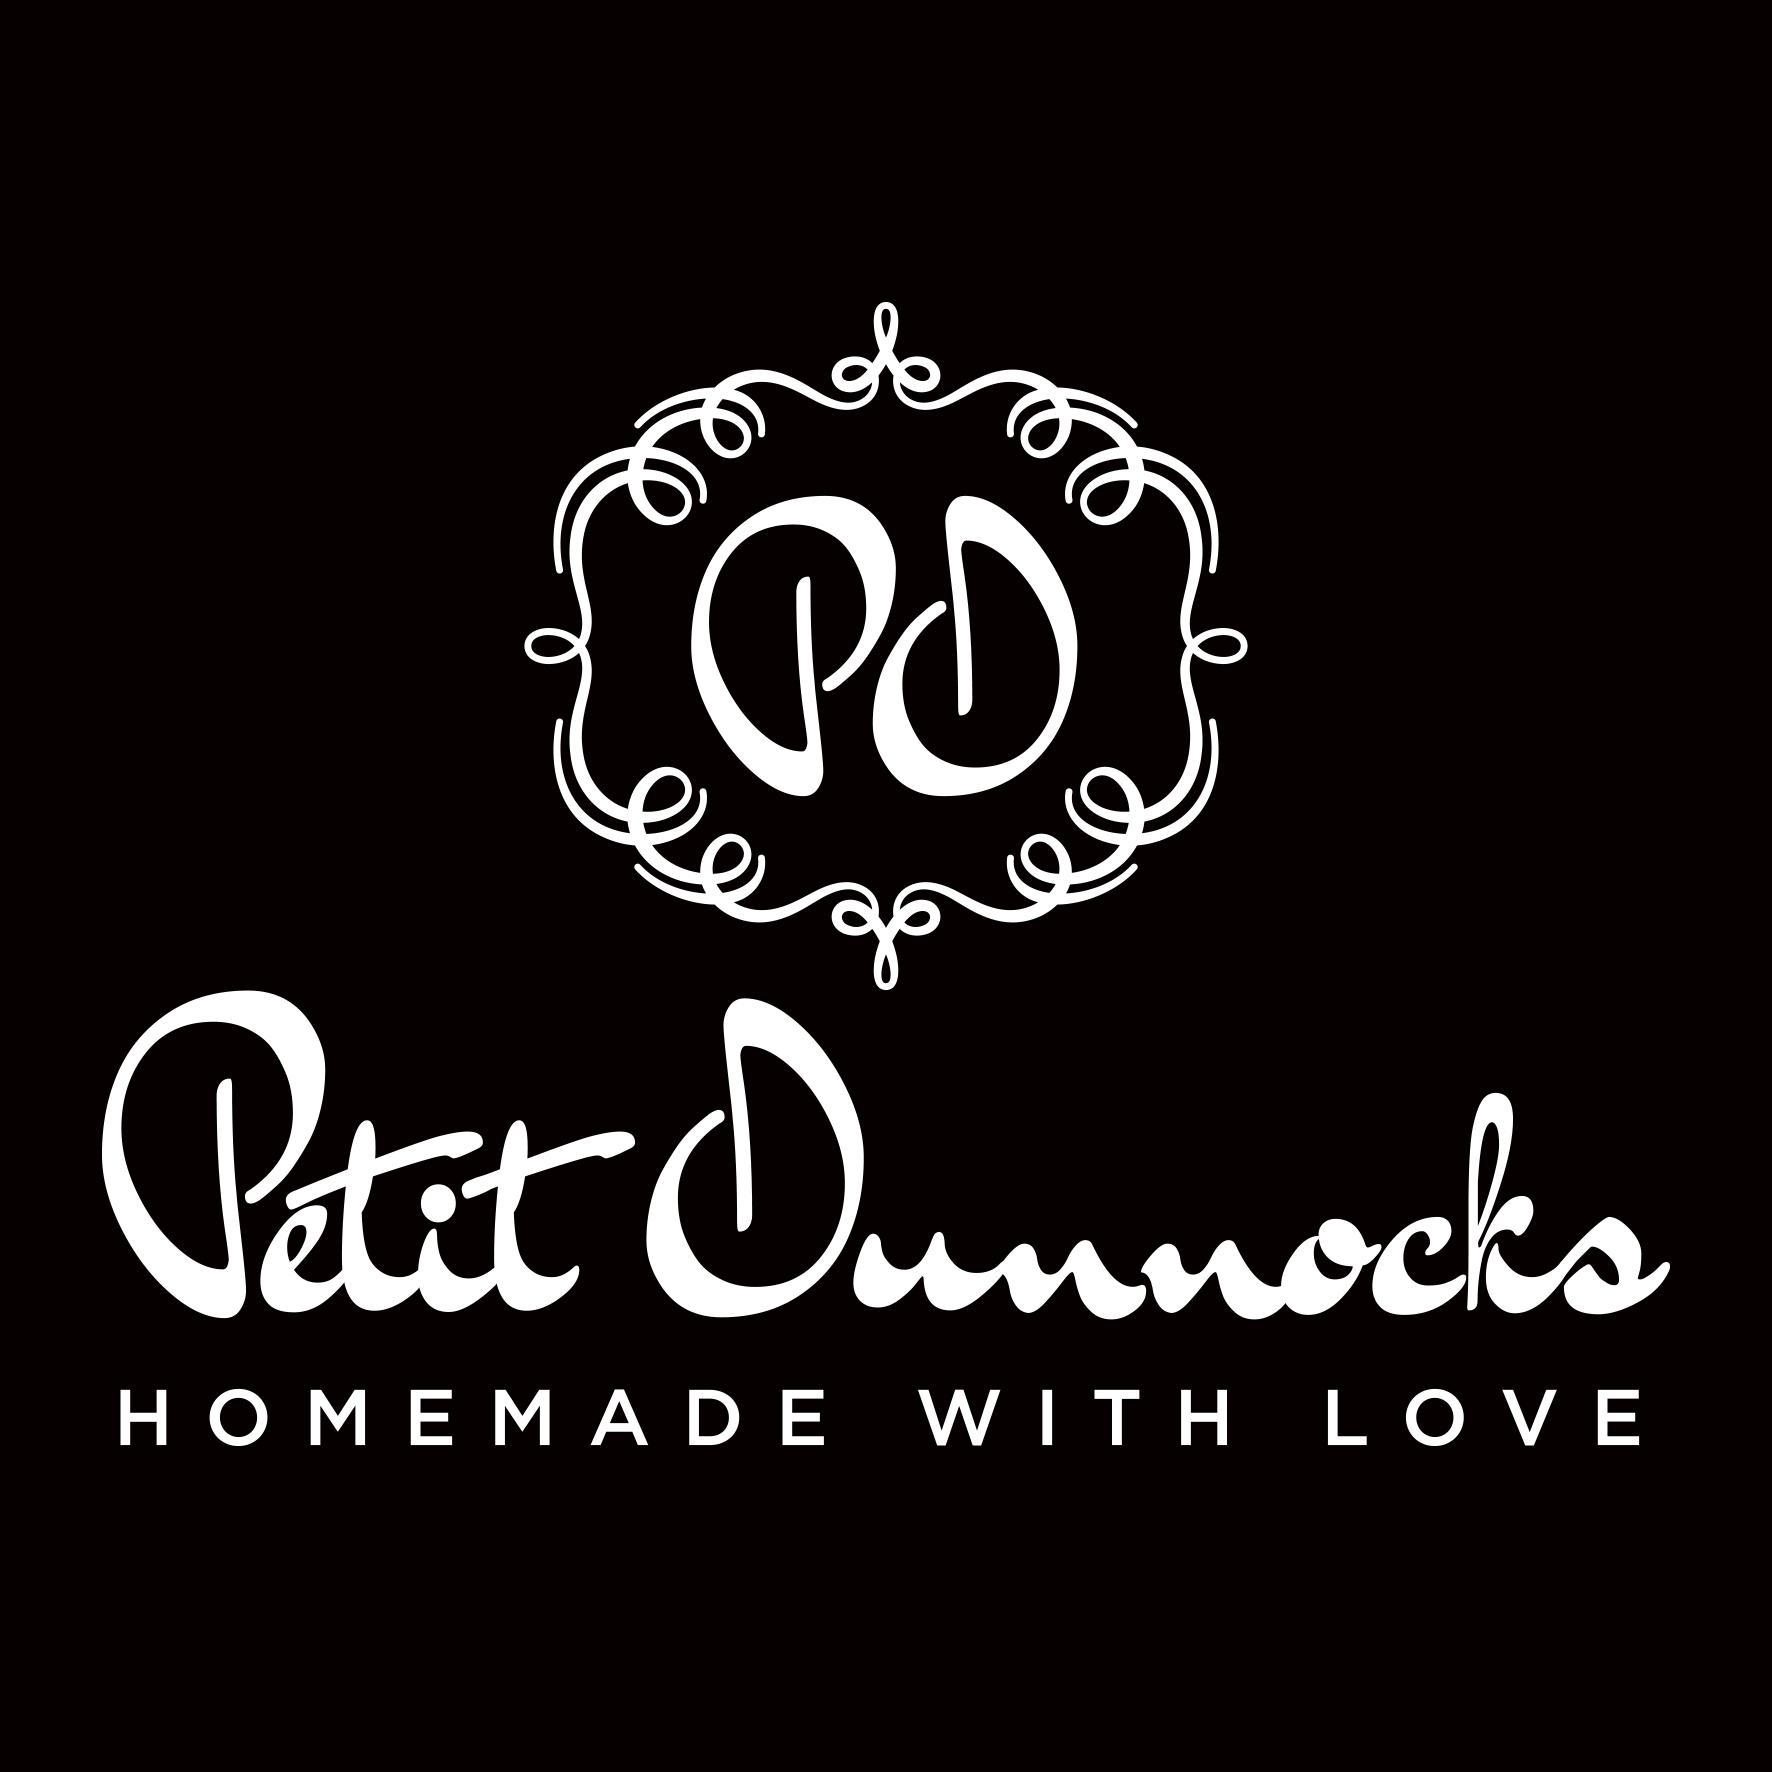 Petit Dunnocks_main logo_b and w.jpg